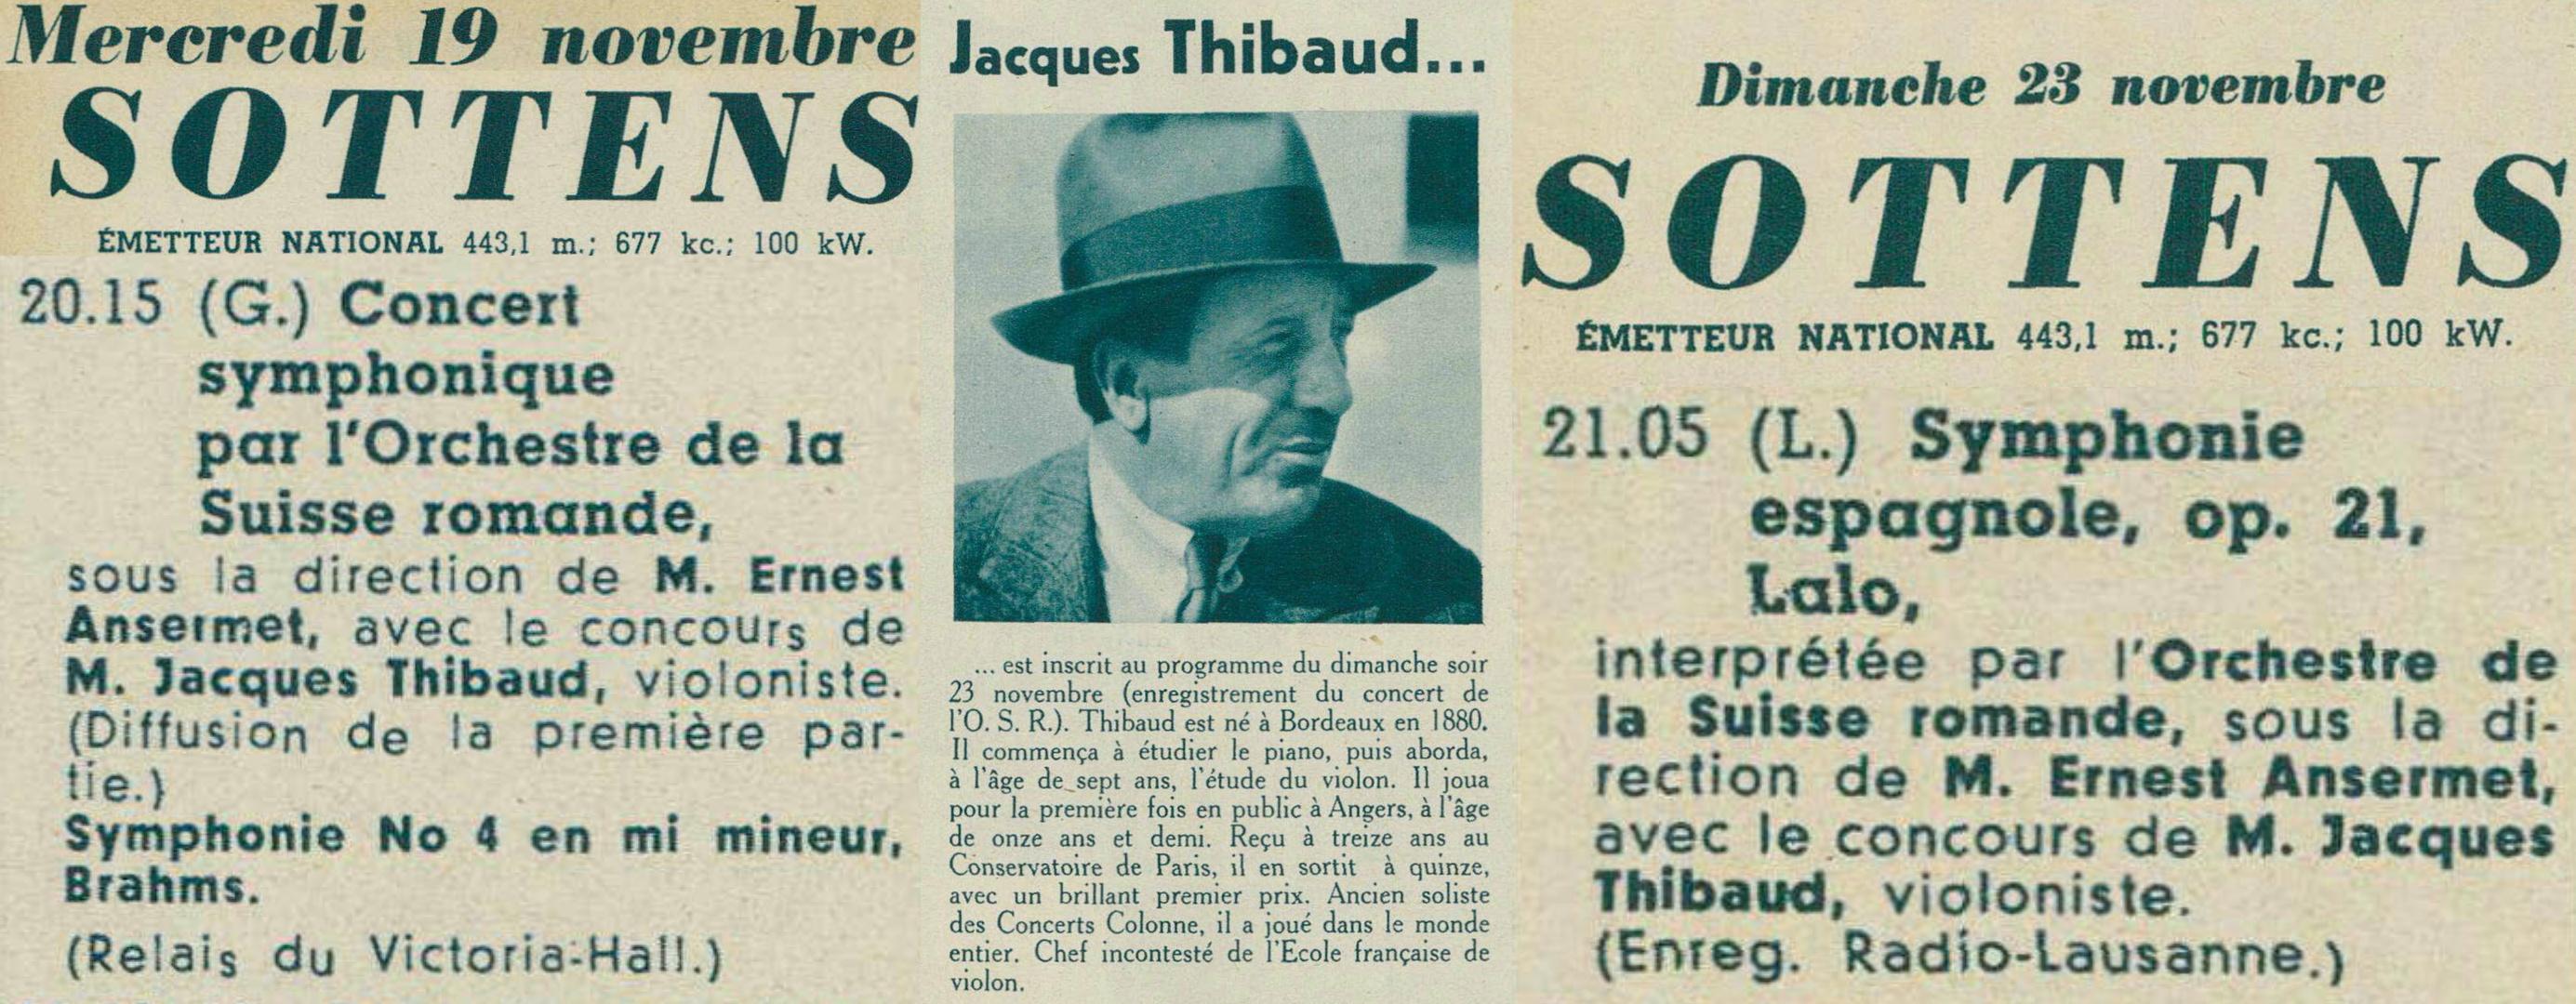 Montage d'extraits de la revue Radio Actualités des 14 et 21 novembre 1941, pages 1460, 1482 et 1486